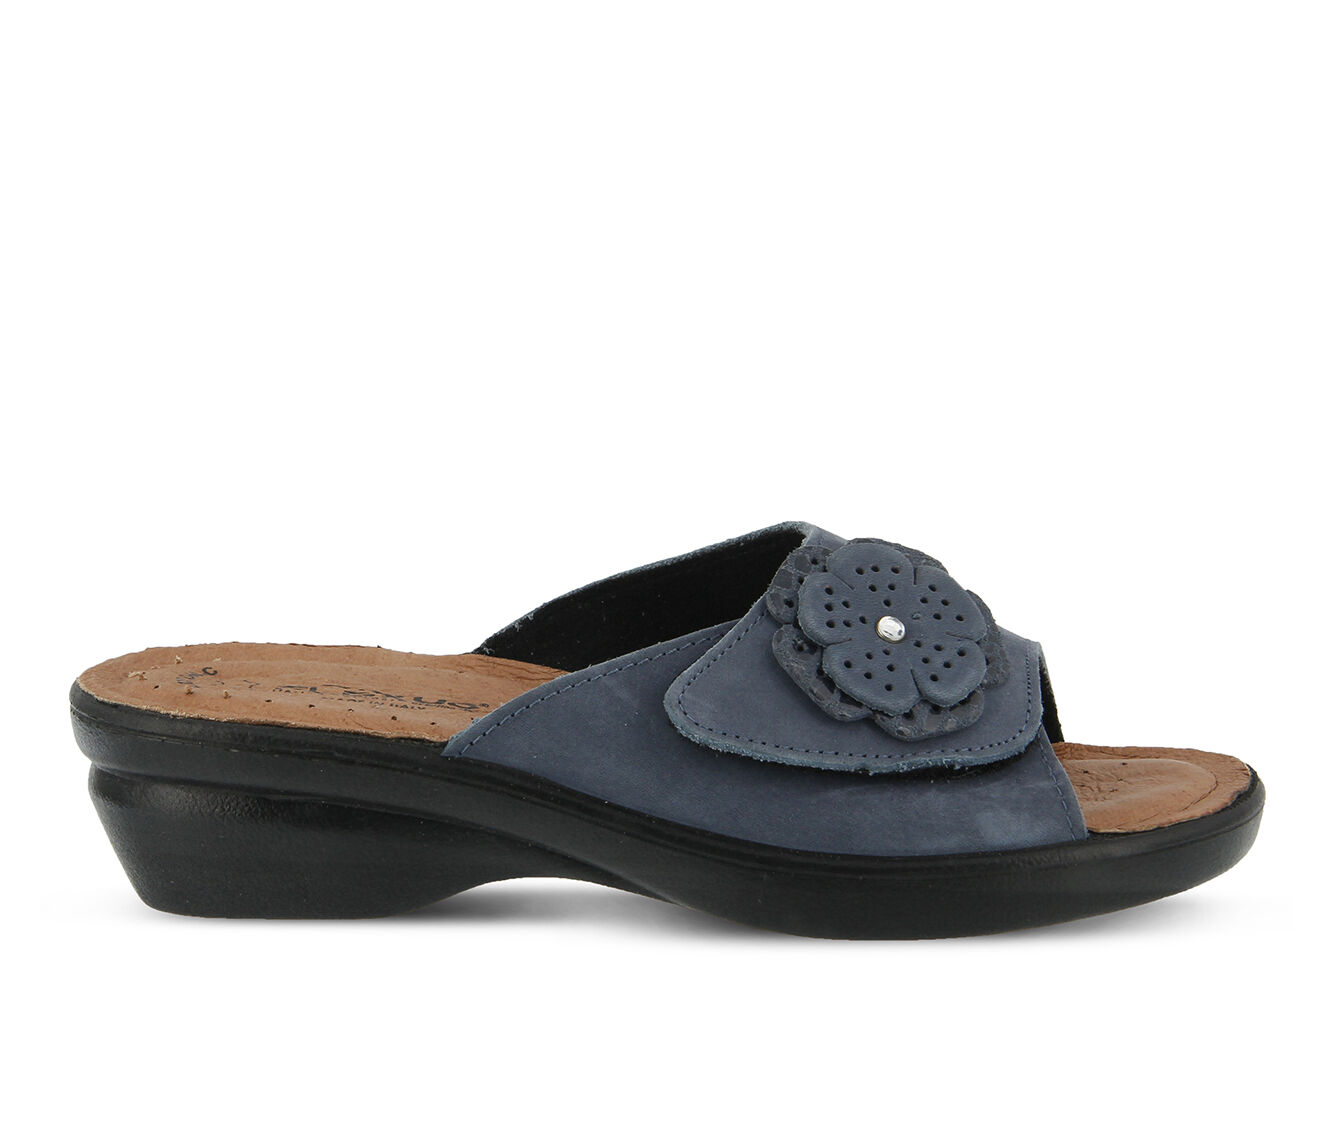 Women's FLEXUS Fabia Sandals Navy